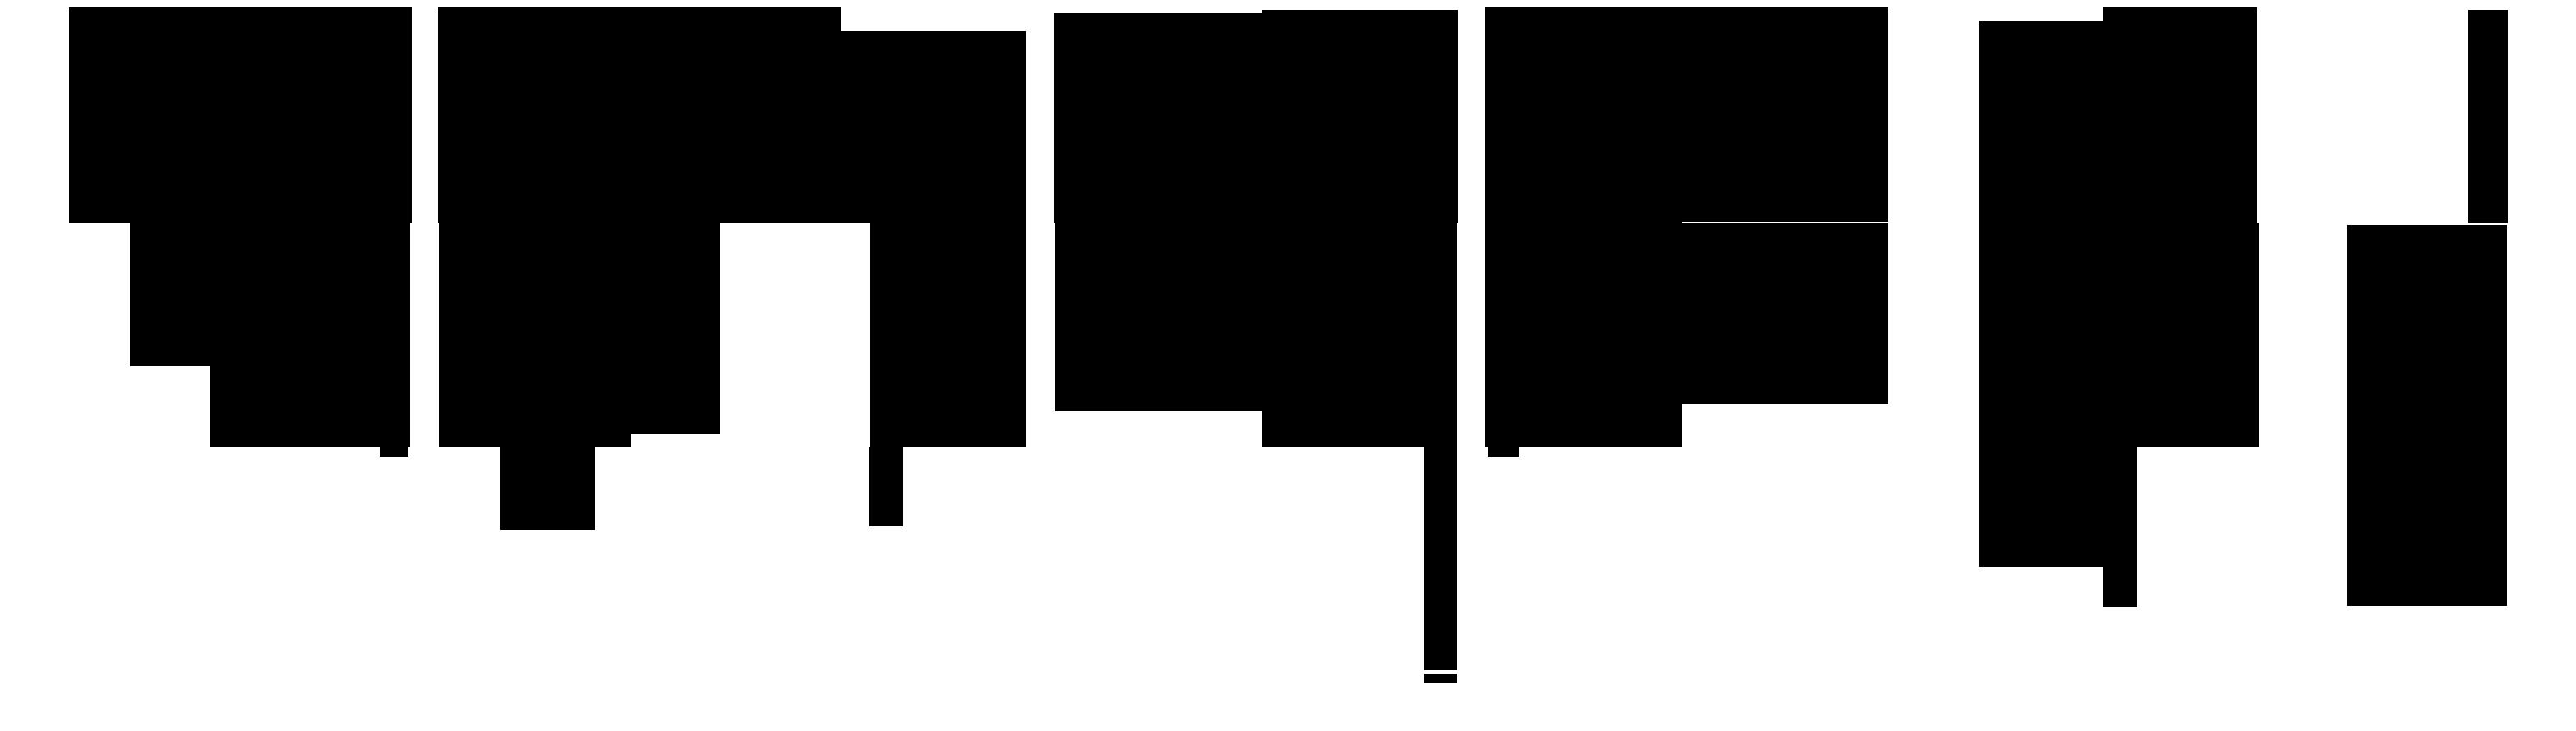 コマガネ詩20140201